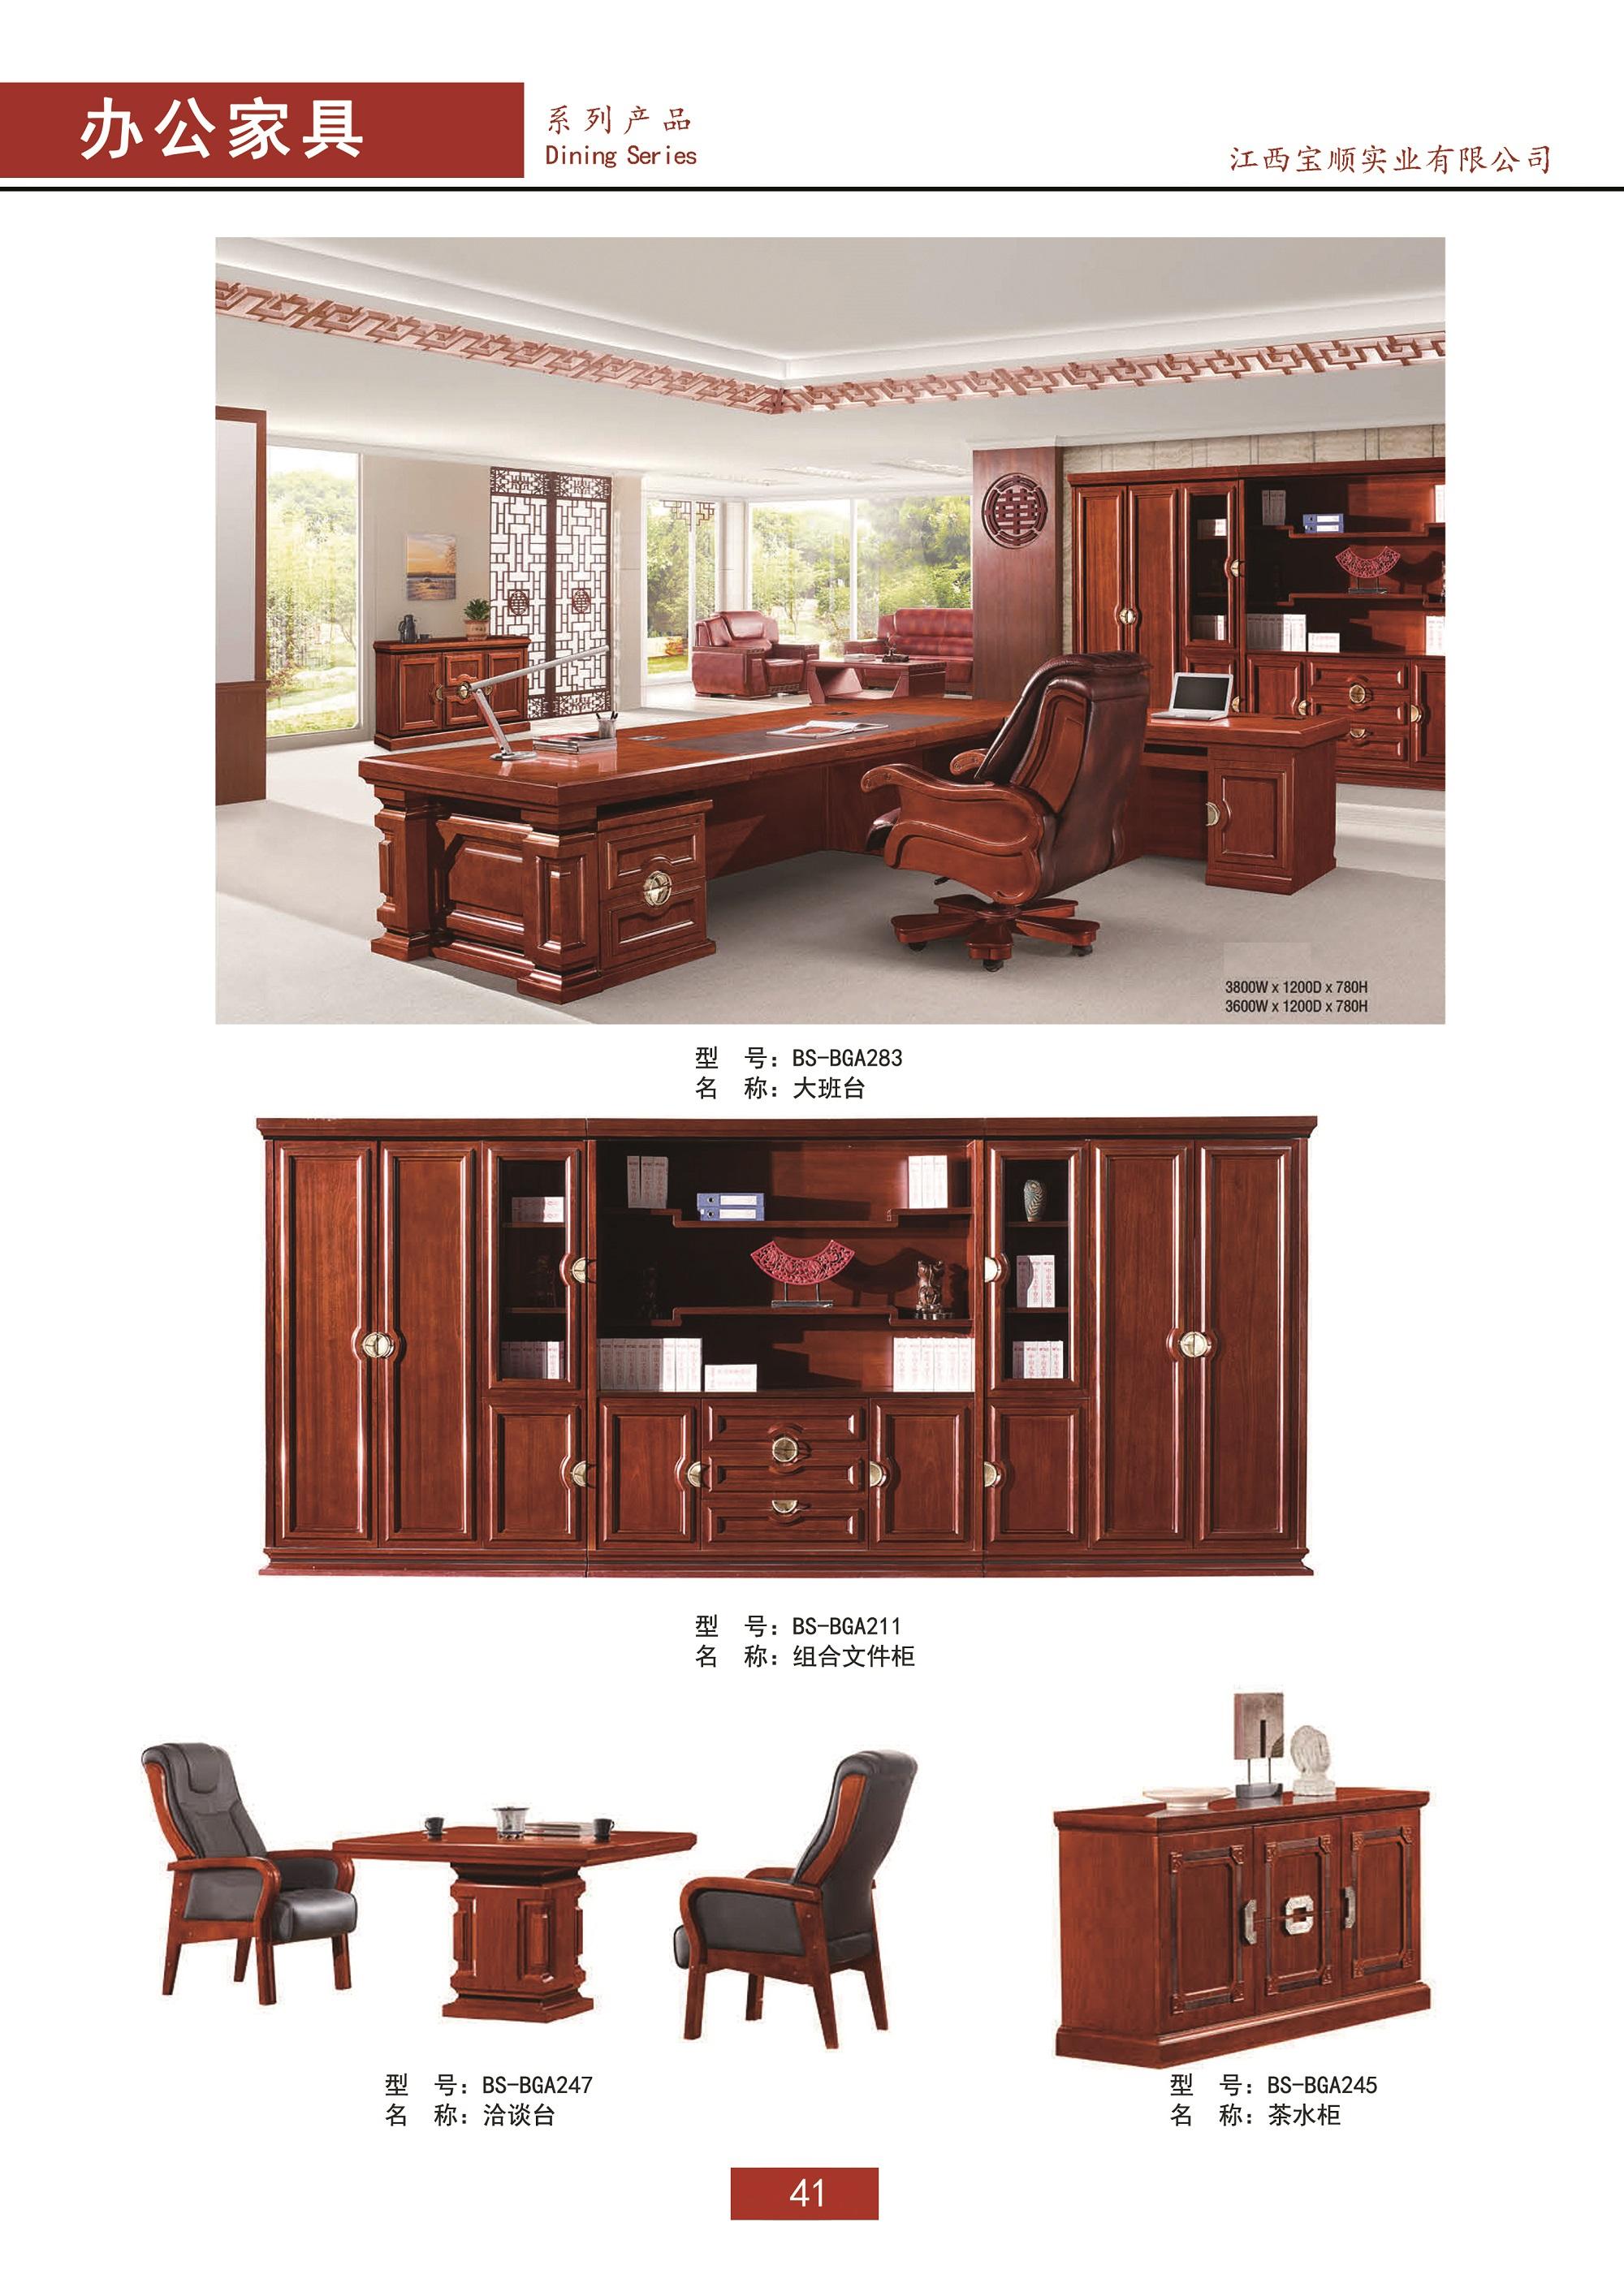 【办公家具】 油漆系列办公家具 组合文件柜  茶几